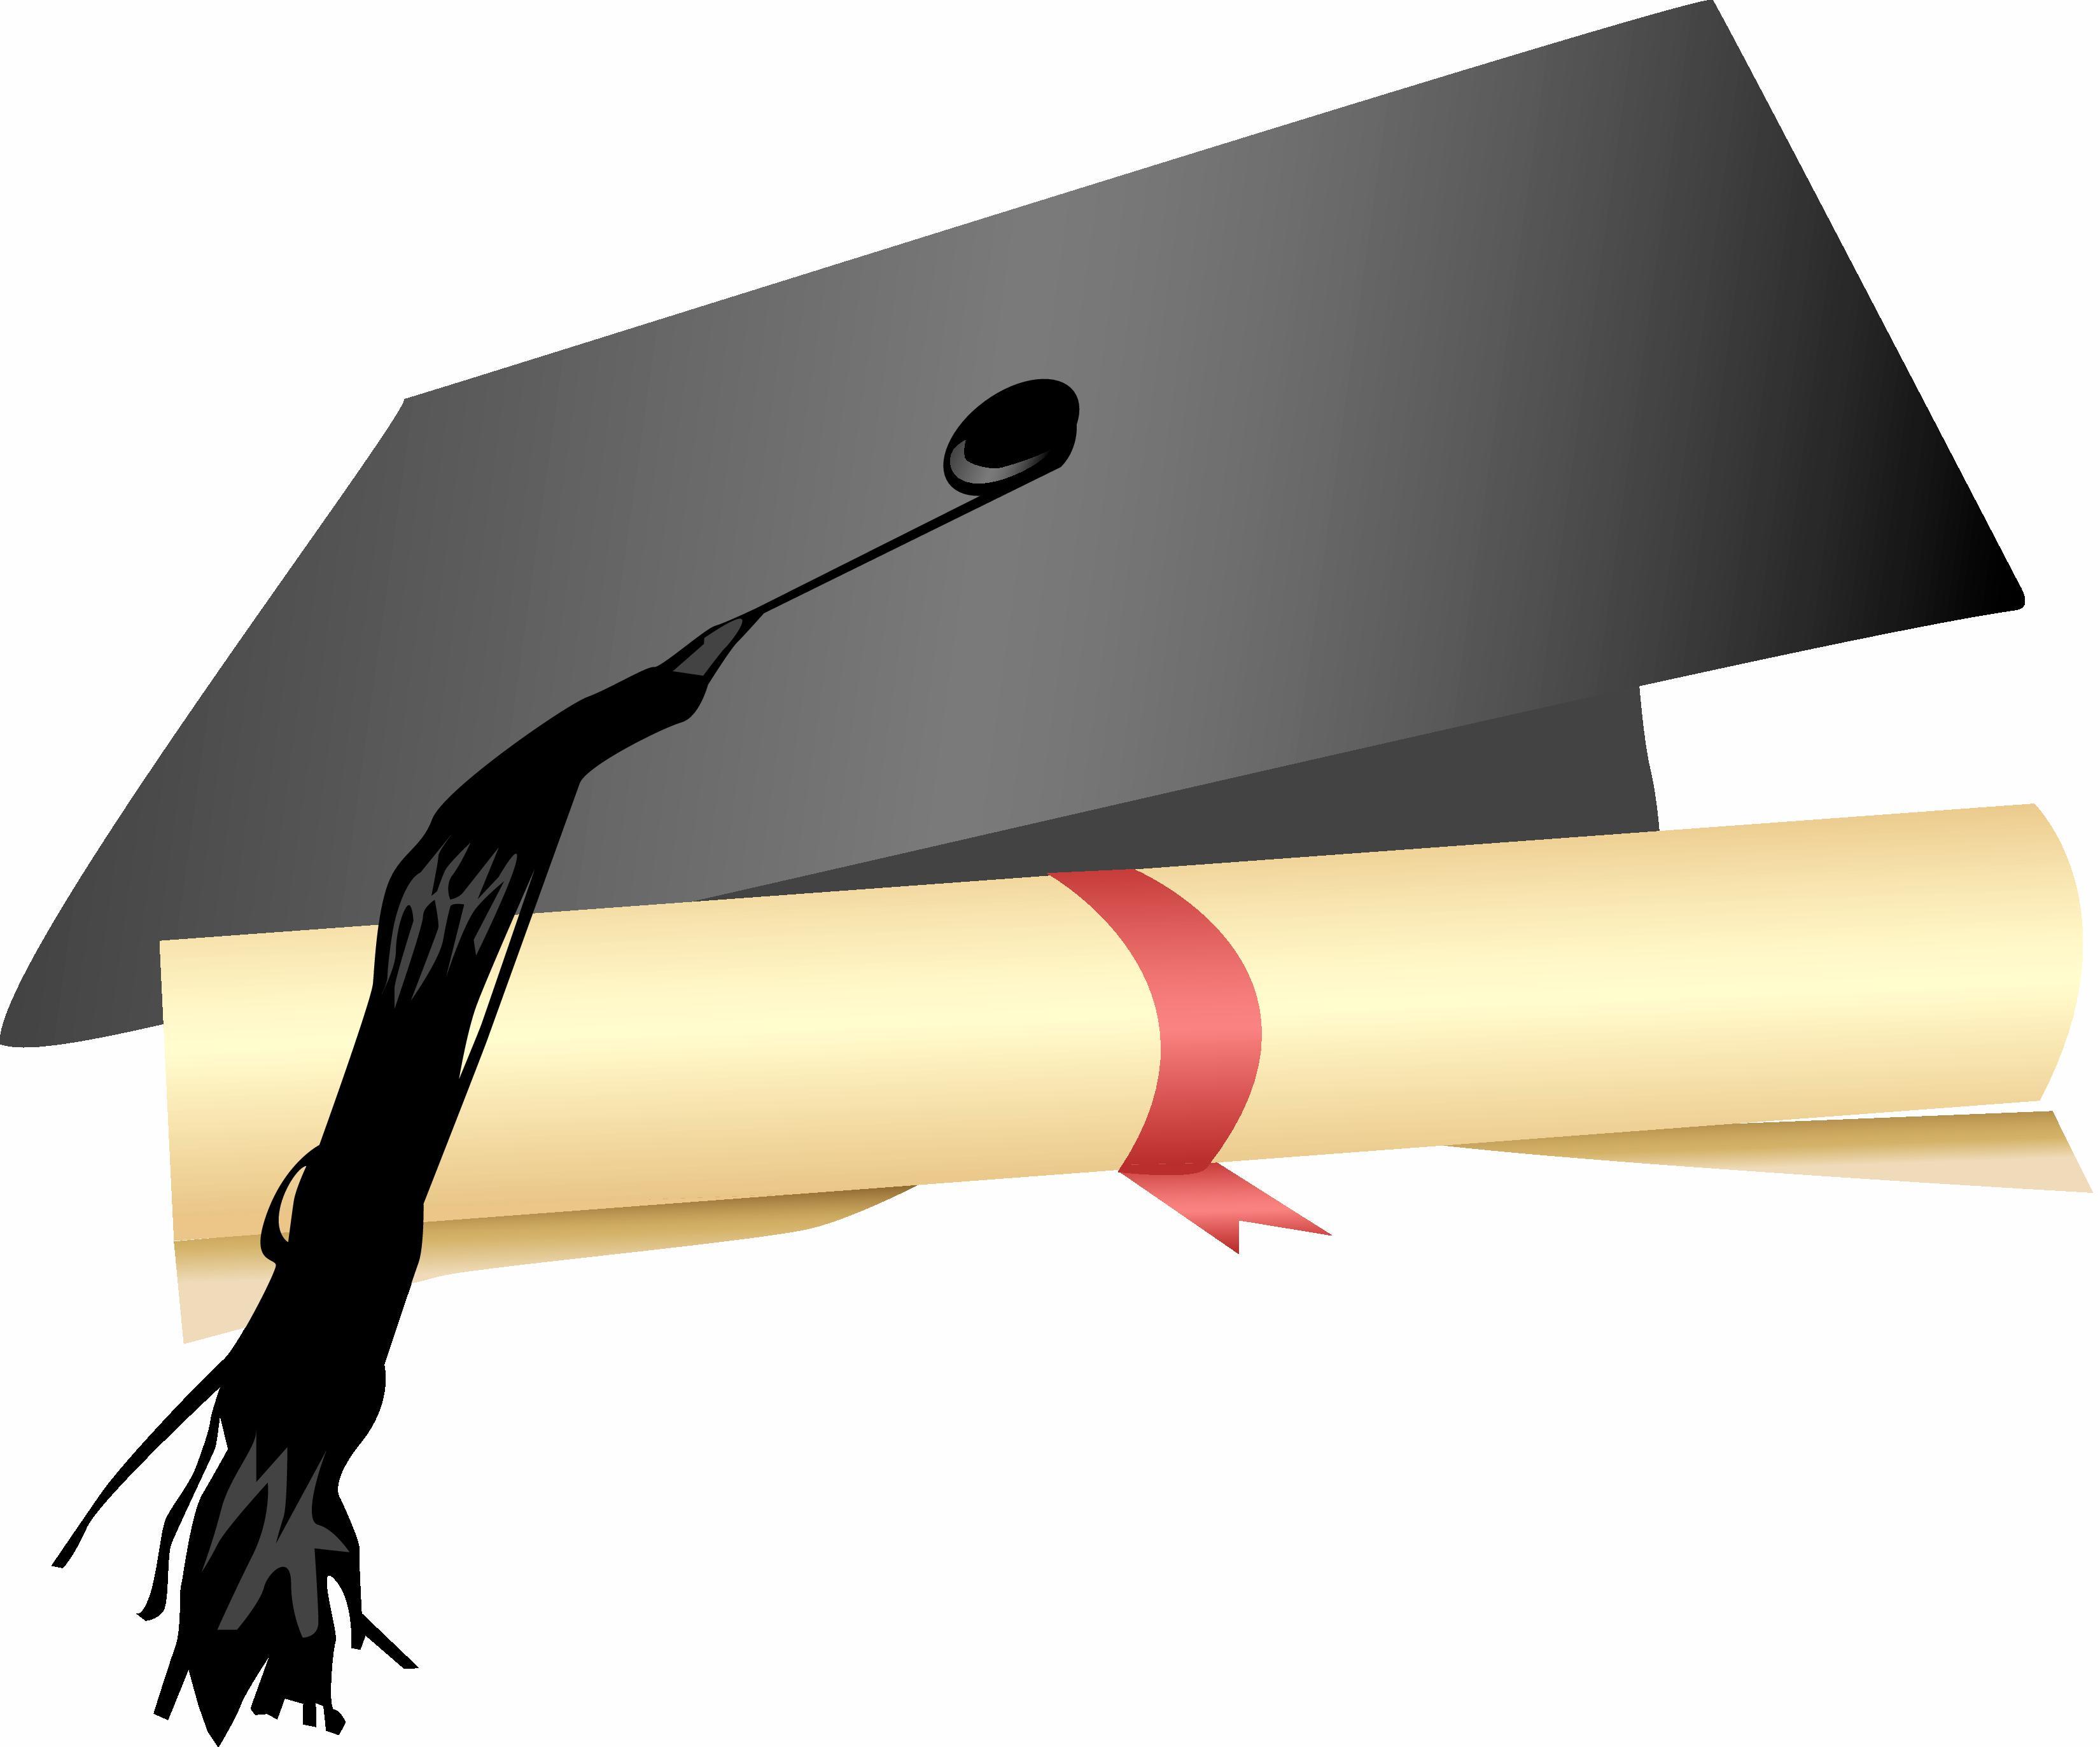 Gown clipart graduation toga Com Graduation 3 clip scroll